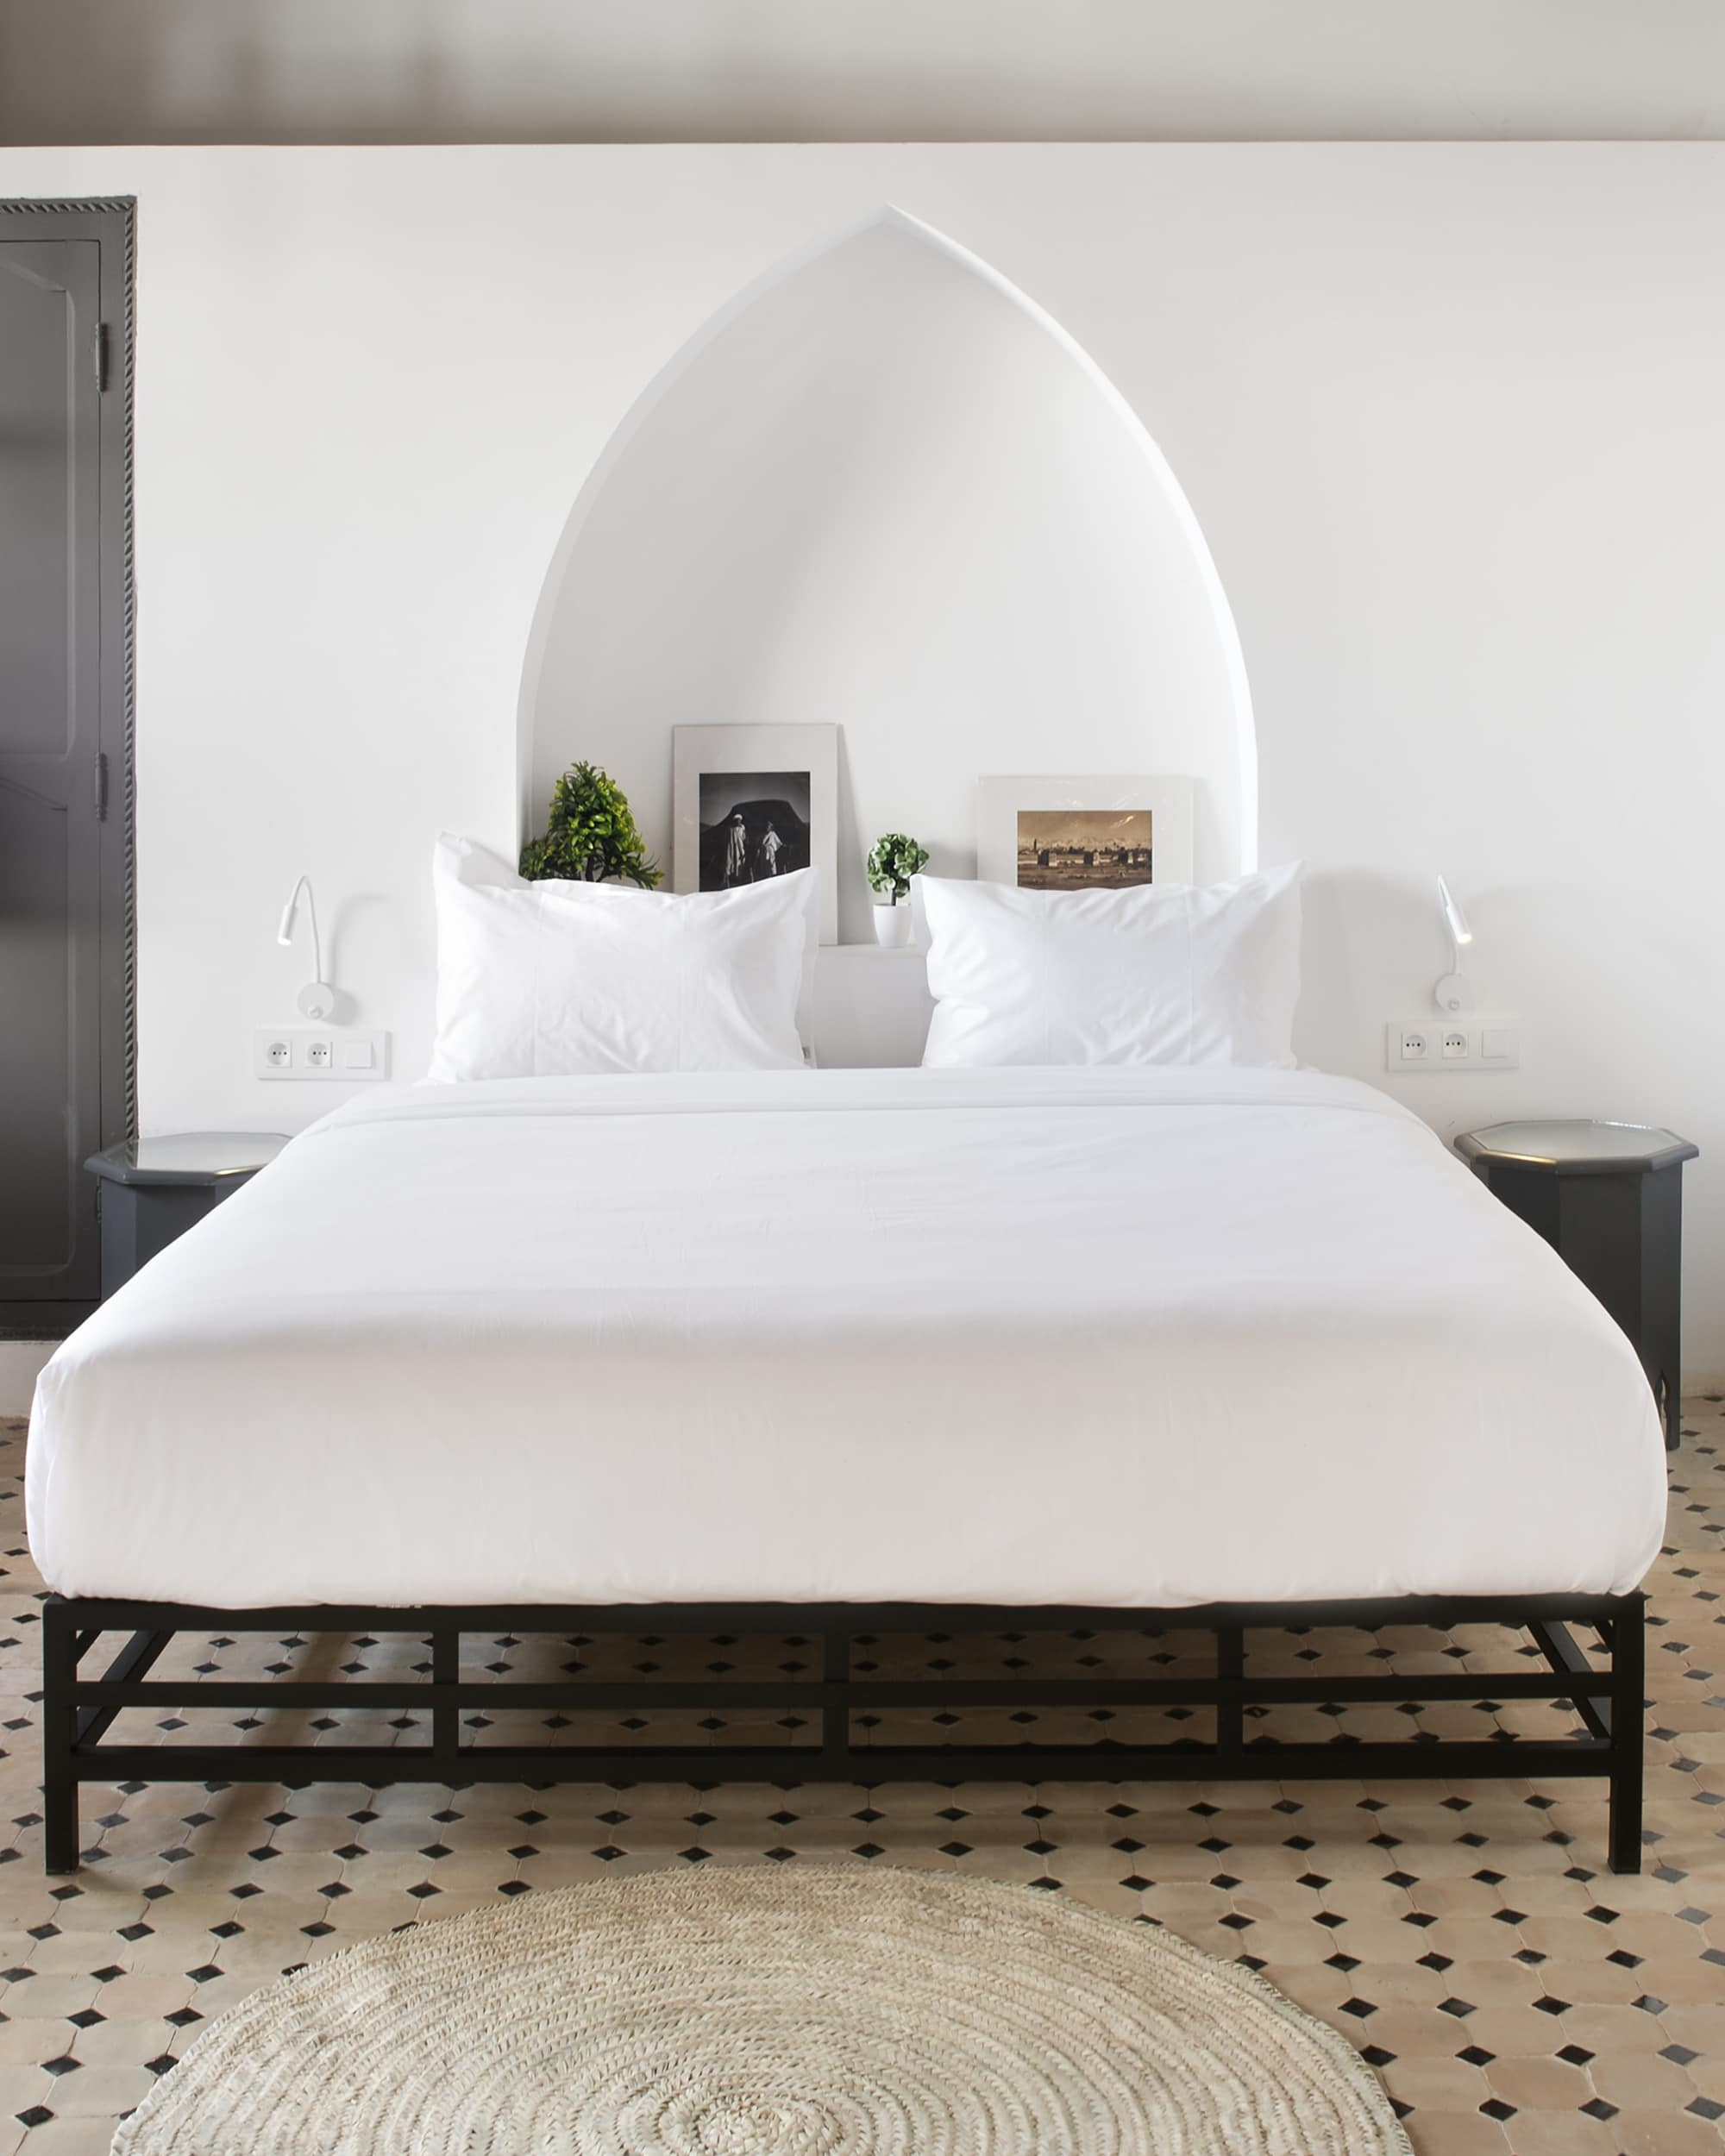 Weiße Eleganz dominiert die Schlafräume im Rodamon Hostel in Marrakesch